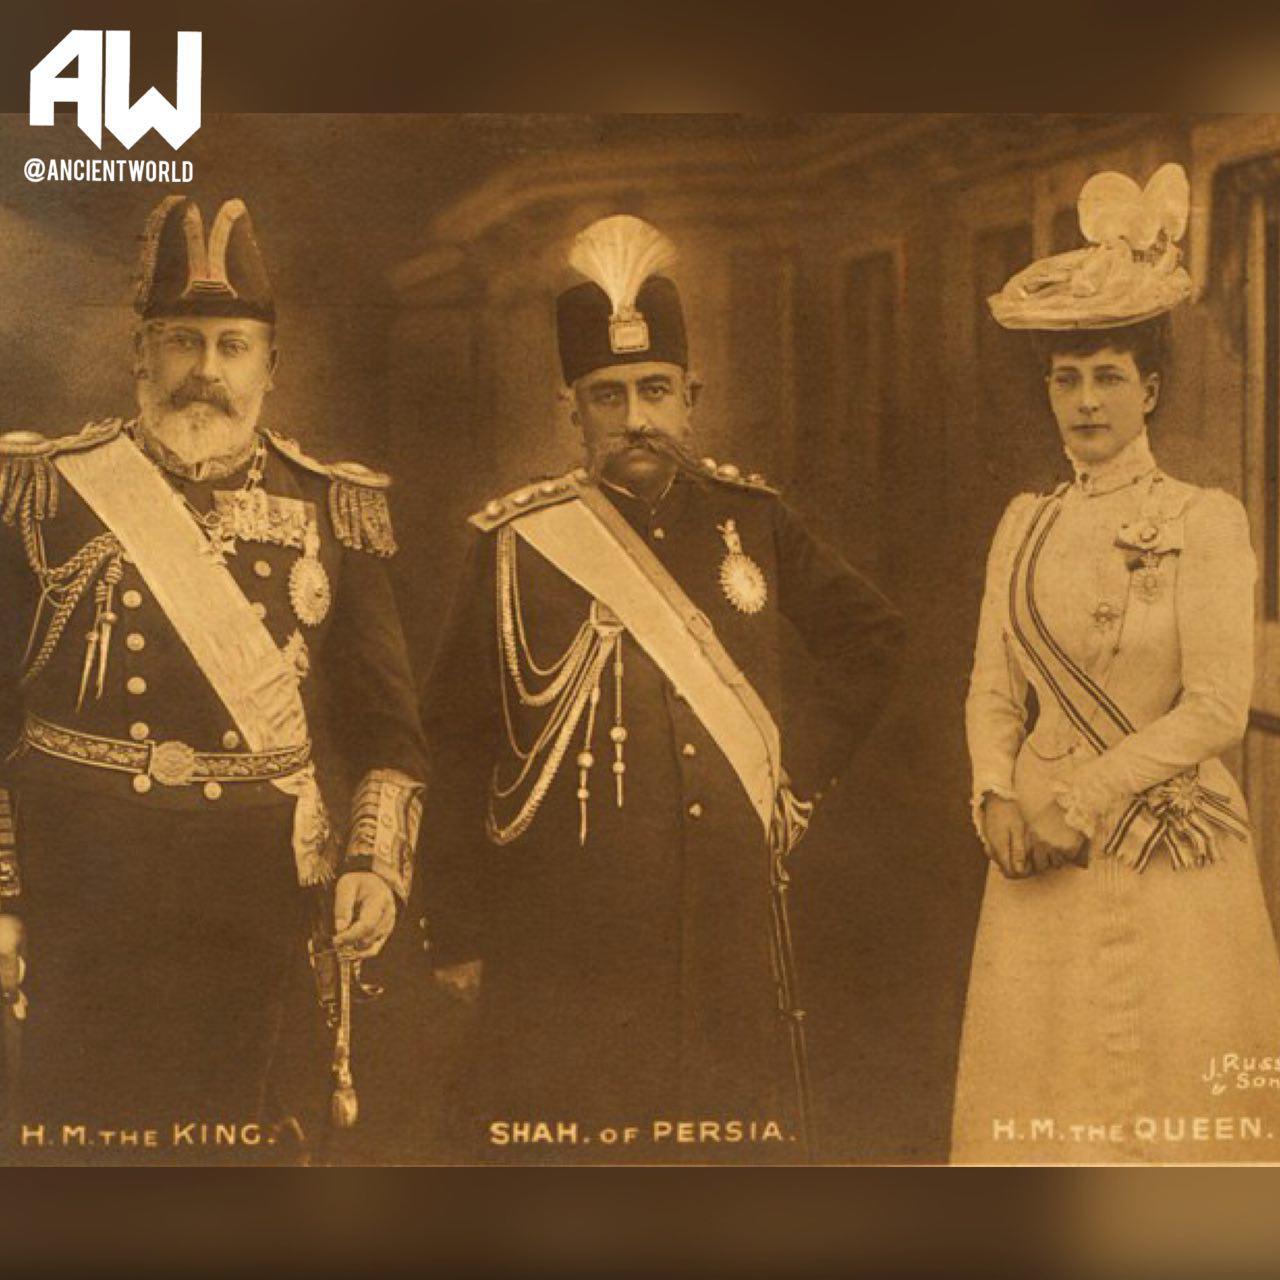 ژست مظفرالدین شاه در کنار پادشاه و ملکه +عکس